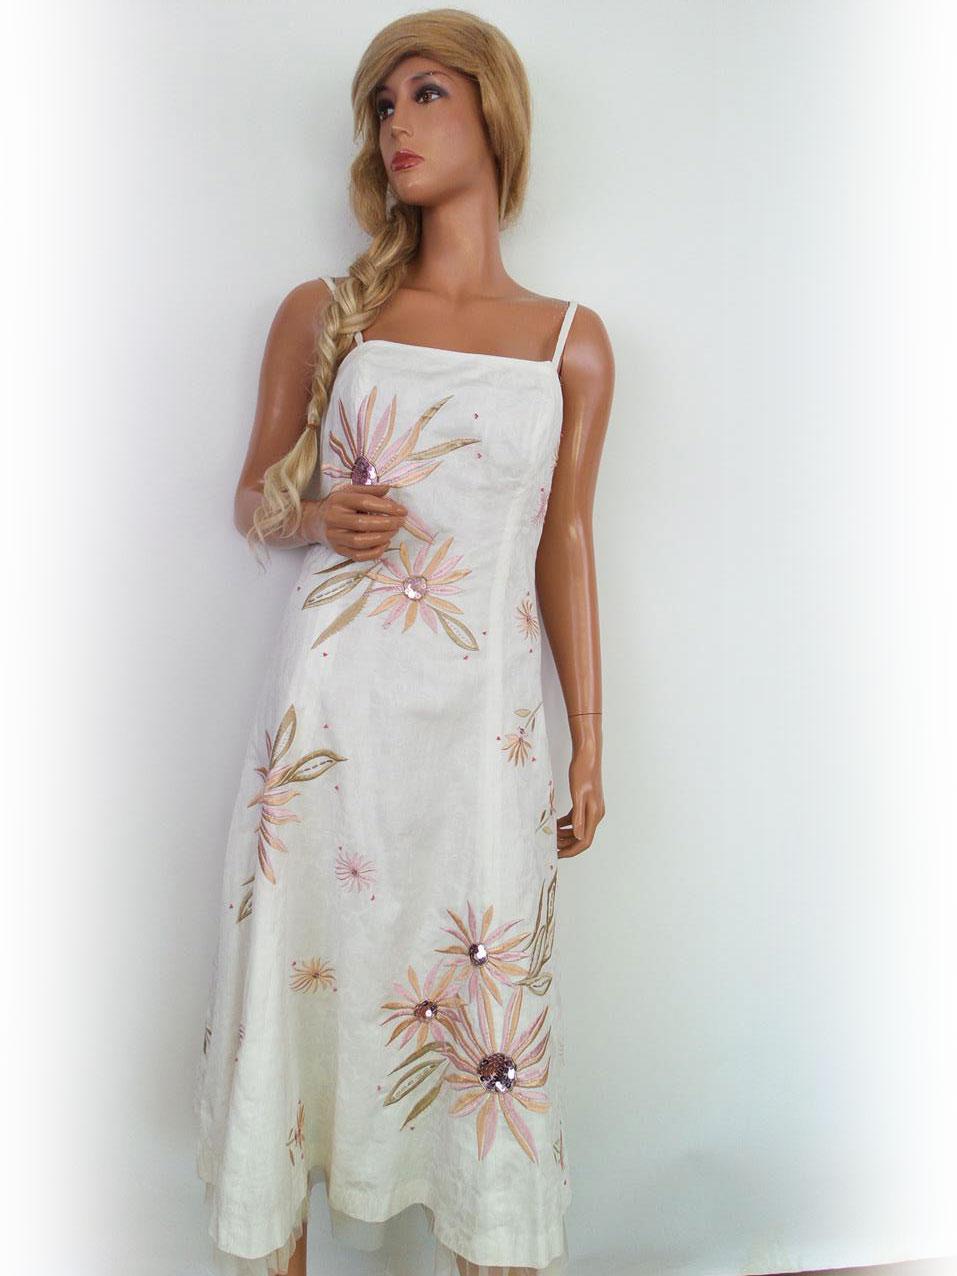 ... Pitkä mekko kokoa 36 kukka paljetti kirjonta valkoista puuvillaa.    dde0588e0e